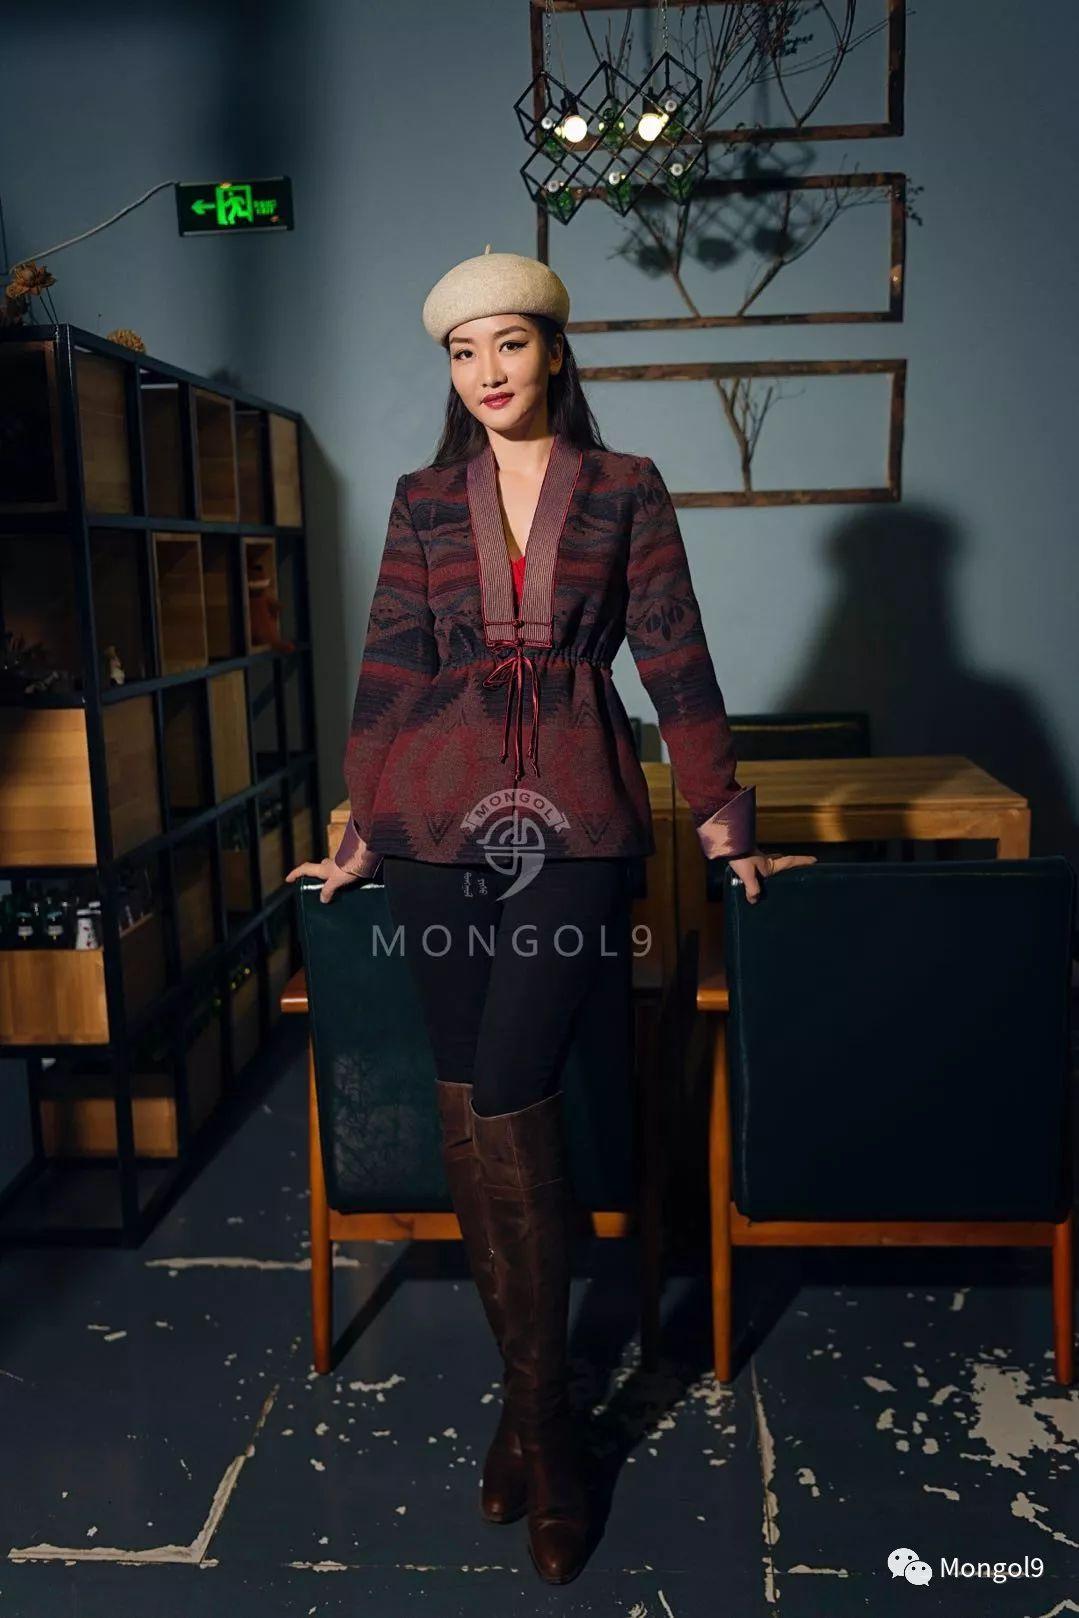 为我的蒙古闺蜜们而设计 第7张 为我的蒙古闺蜜们而设计 蒙古服饰